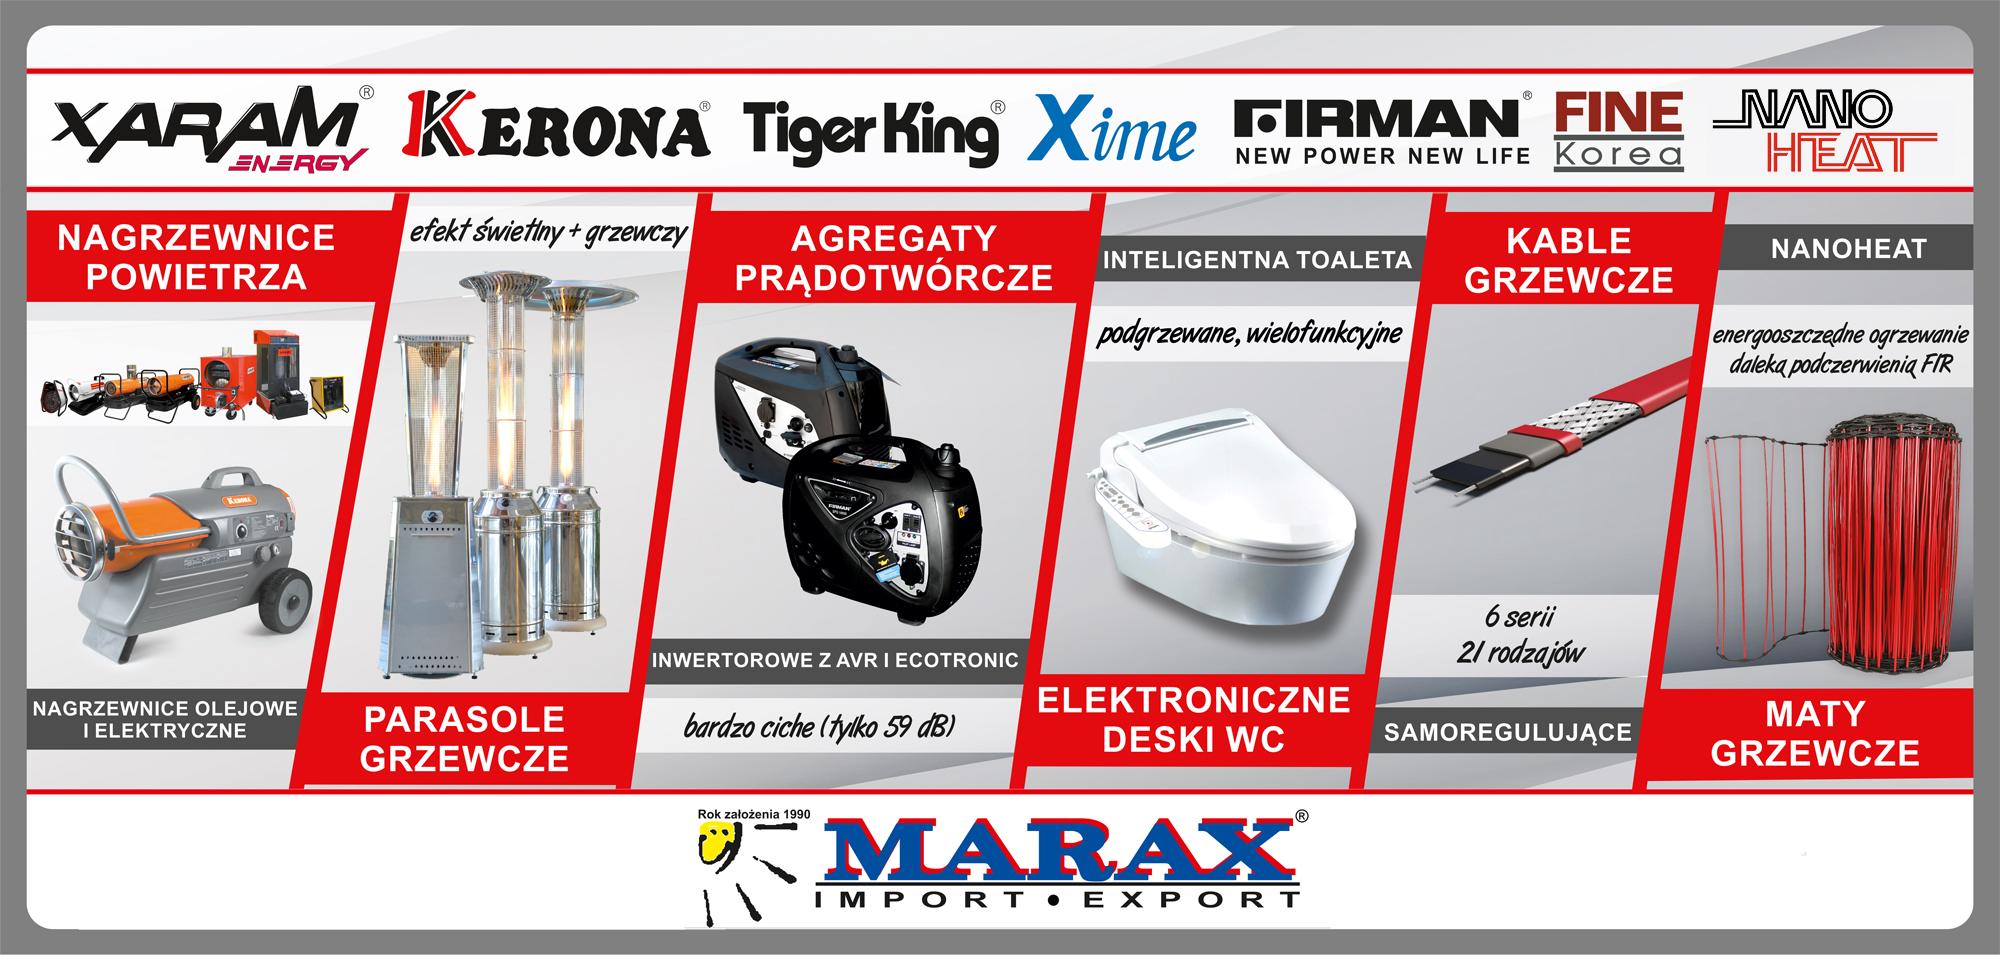 Importer nagrzewnic olejowych firman, Kerona, Xaram Energy; parasole gazowe ogrodowe, piecyki gazowe, kable samoregulujące, maty grzewcze, elektroniczne deski myjące,